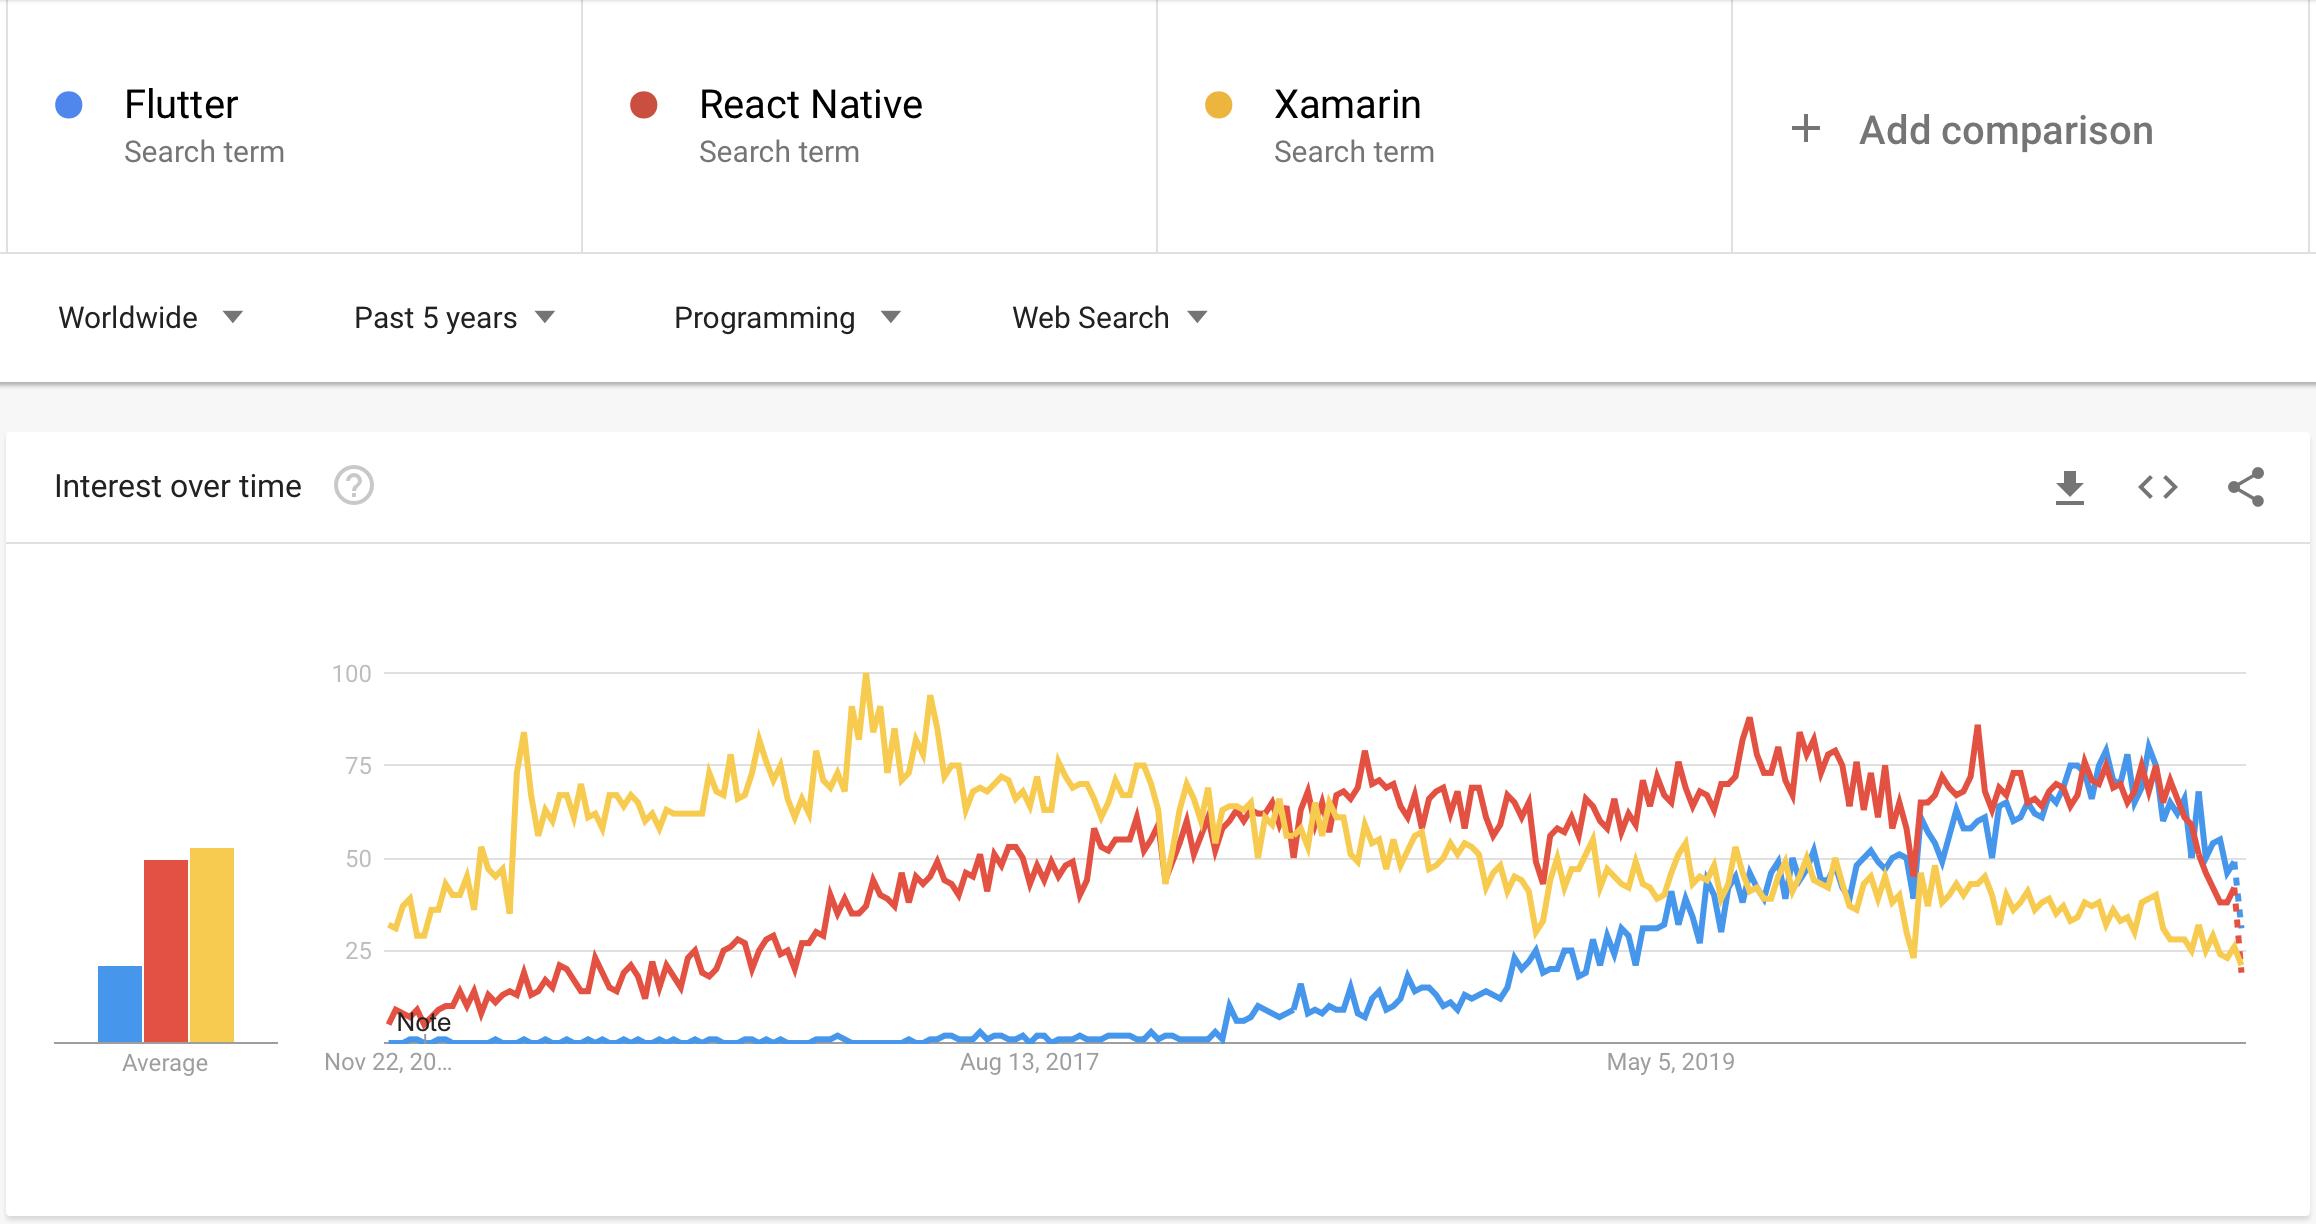 data on Flutter from Google Trends